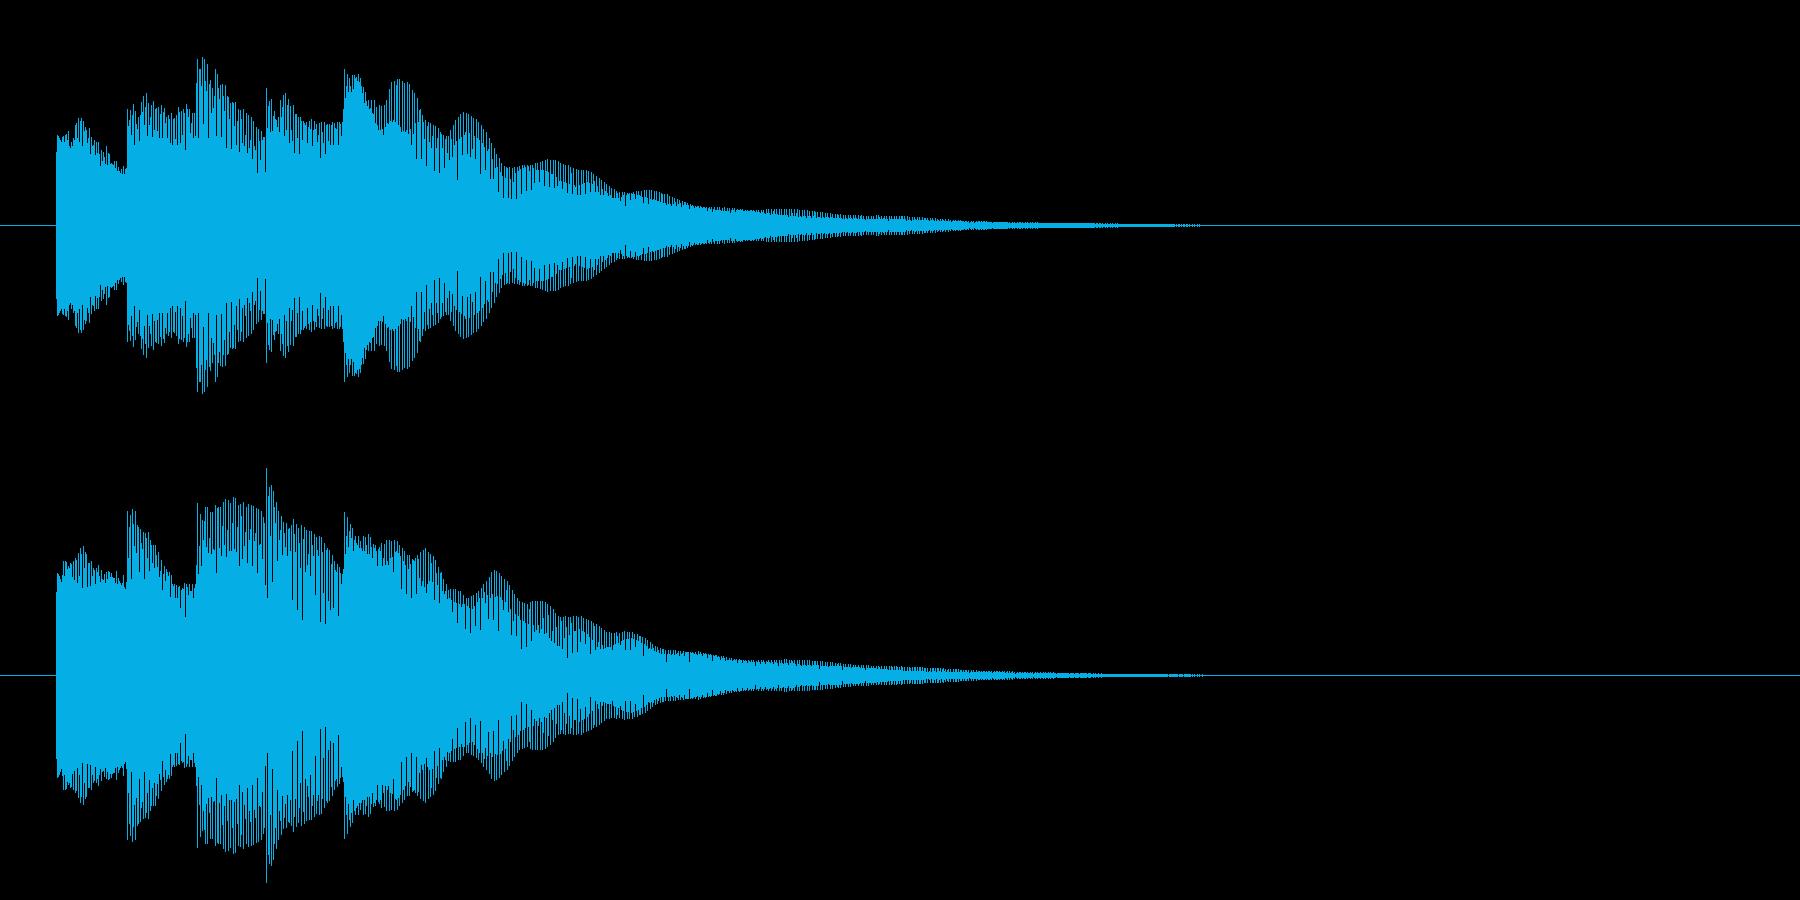 アイドルSE3 スタート音 豪華決定音の再生済みの波形